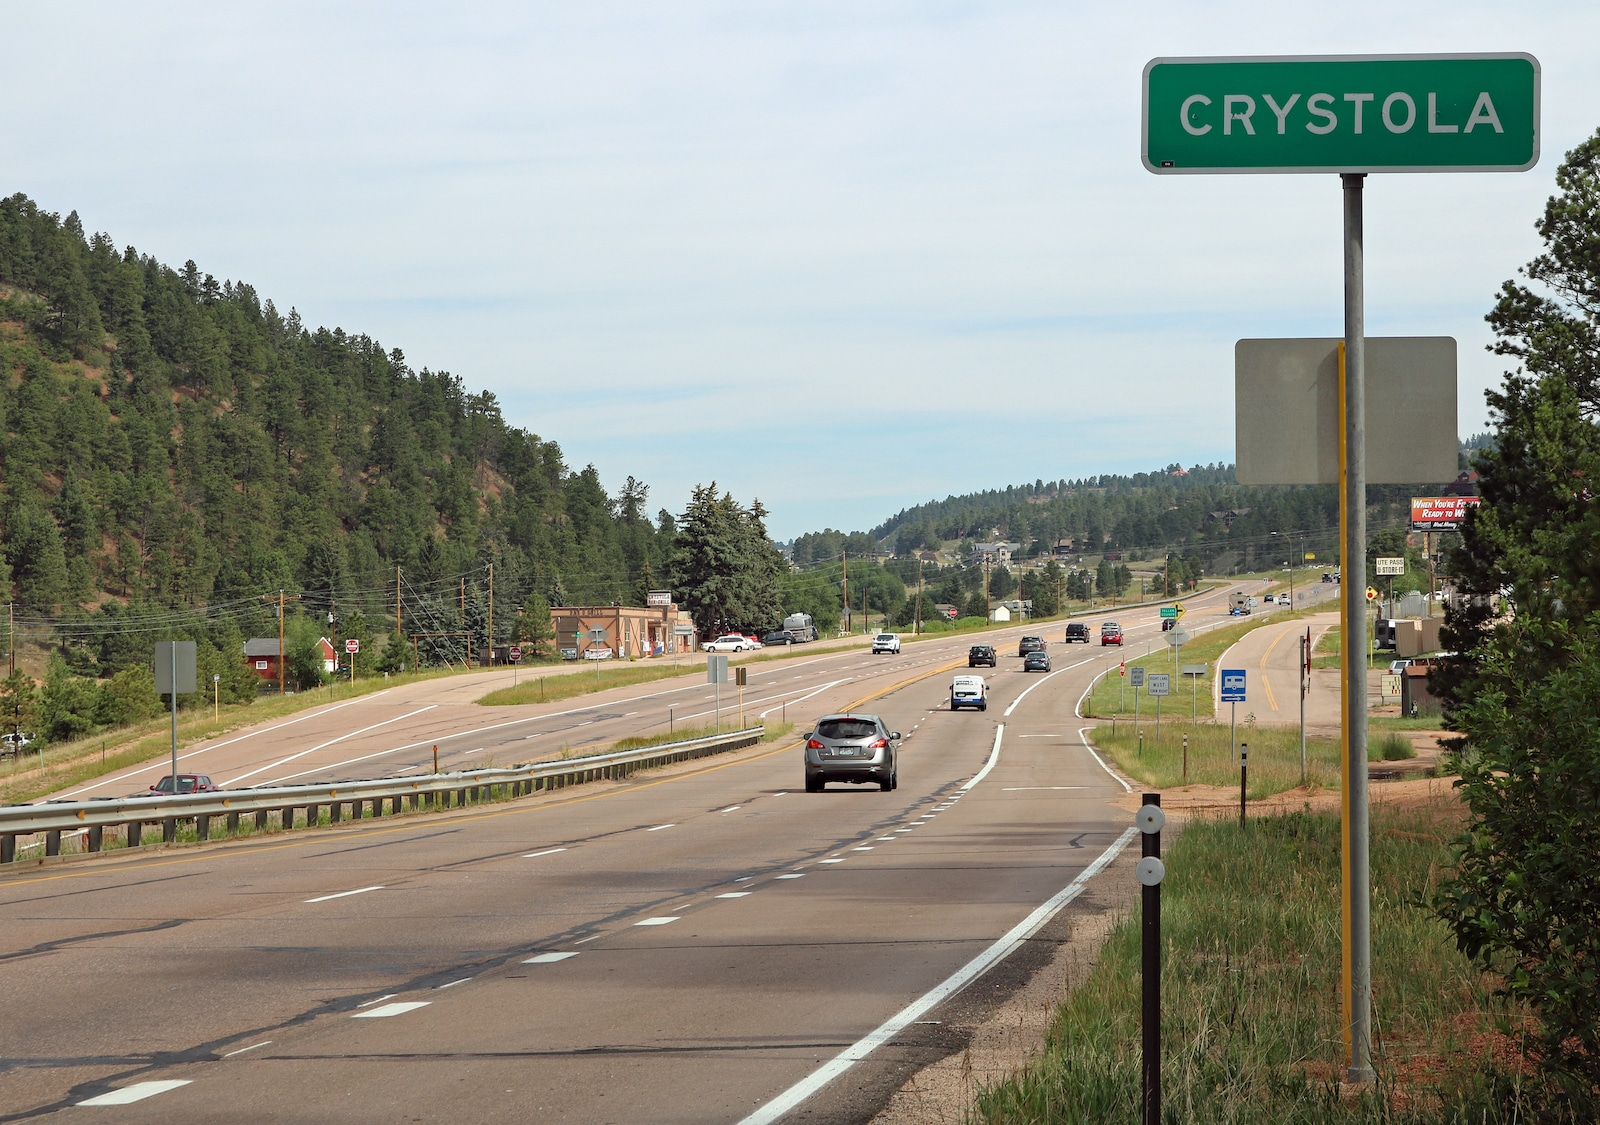 Crystola Colorado Sign Highway US-24